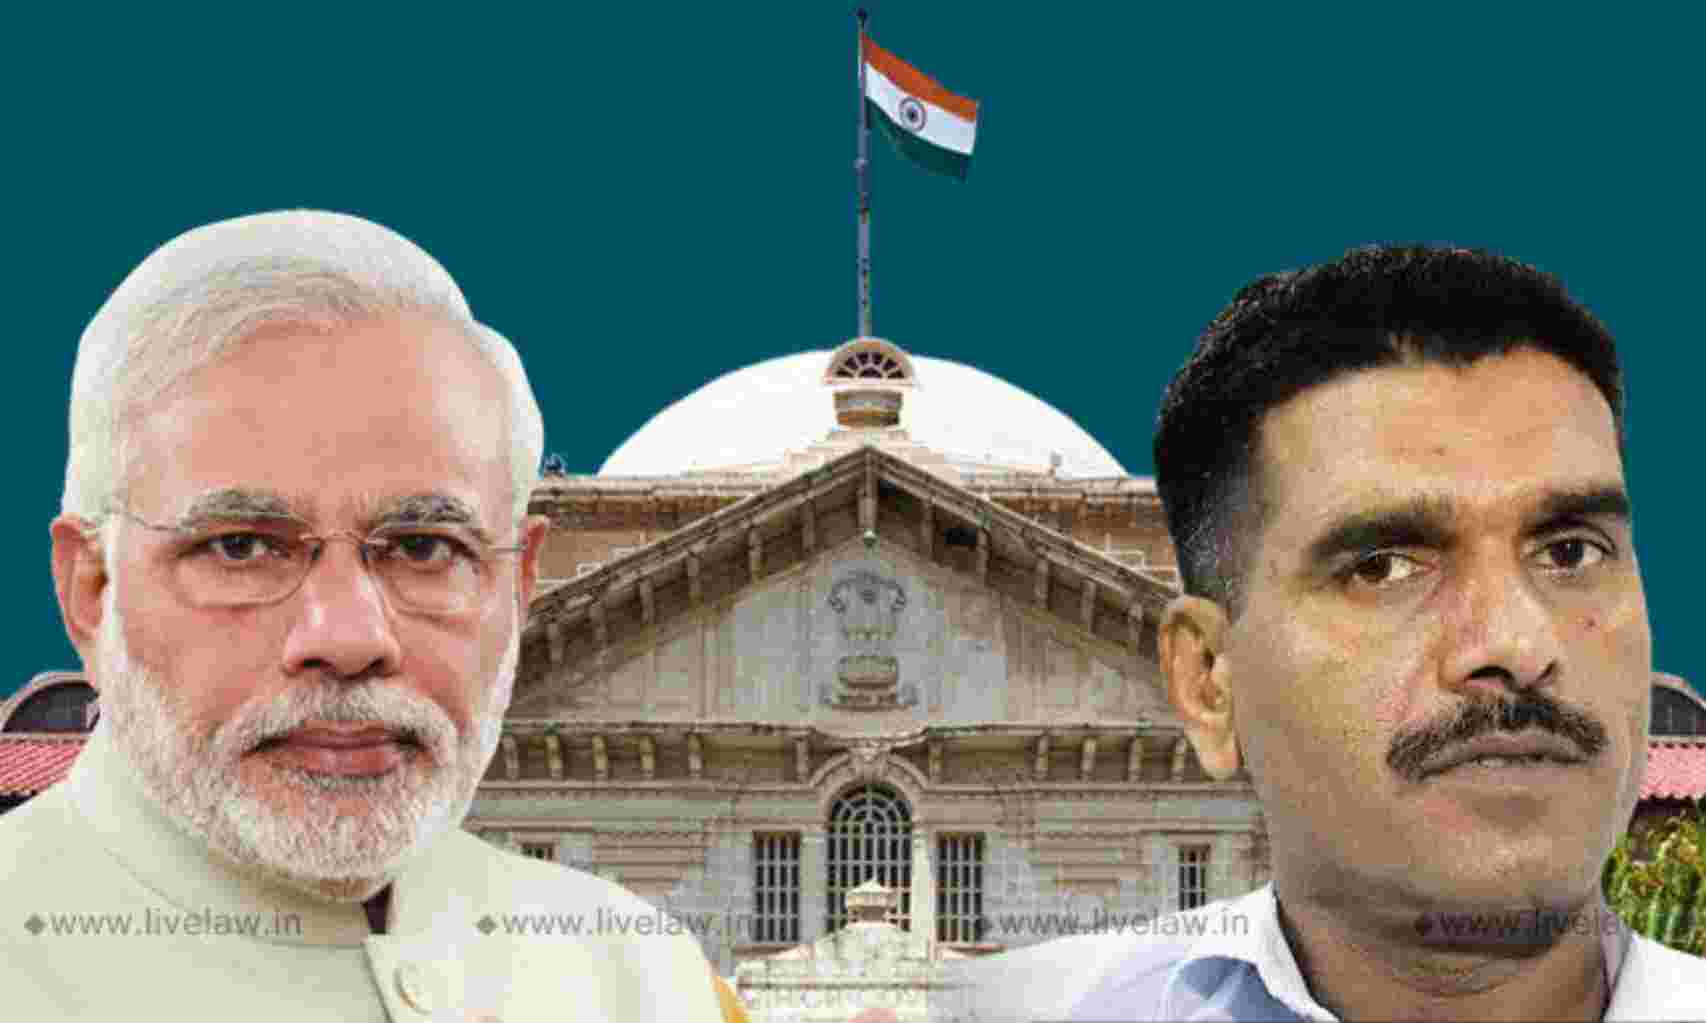 प्रधानमंत्री मोदी के चुनाव को रद्द करने की याचिका : सुप्रीम कोर्ट दो हफ्ते बाद करेगा सुनवाई